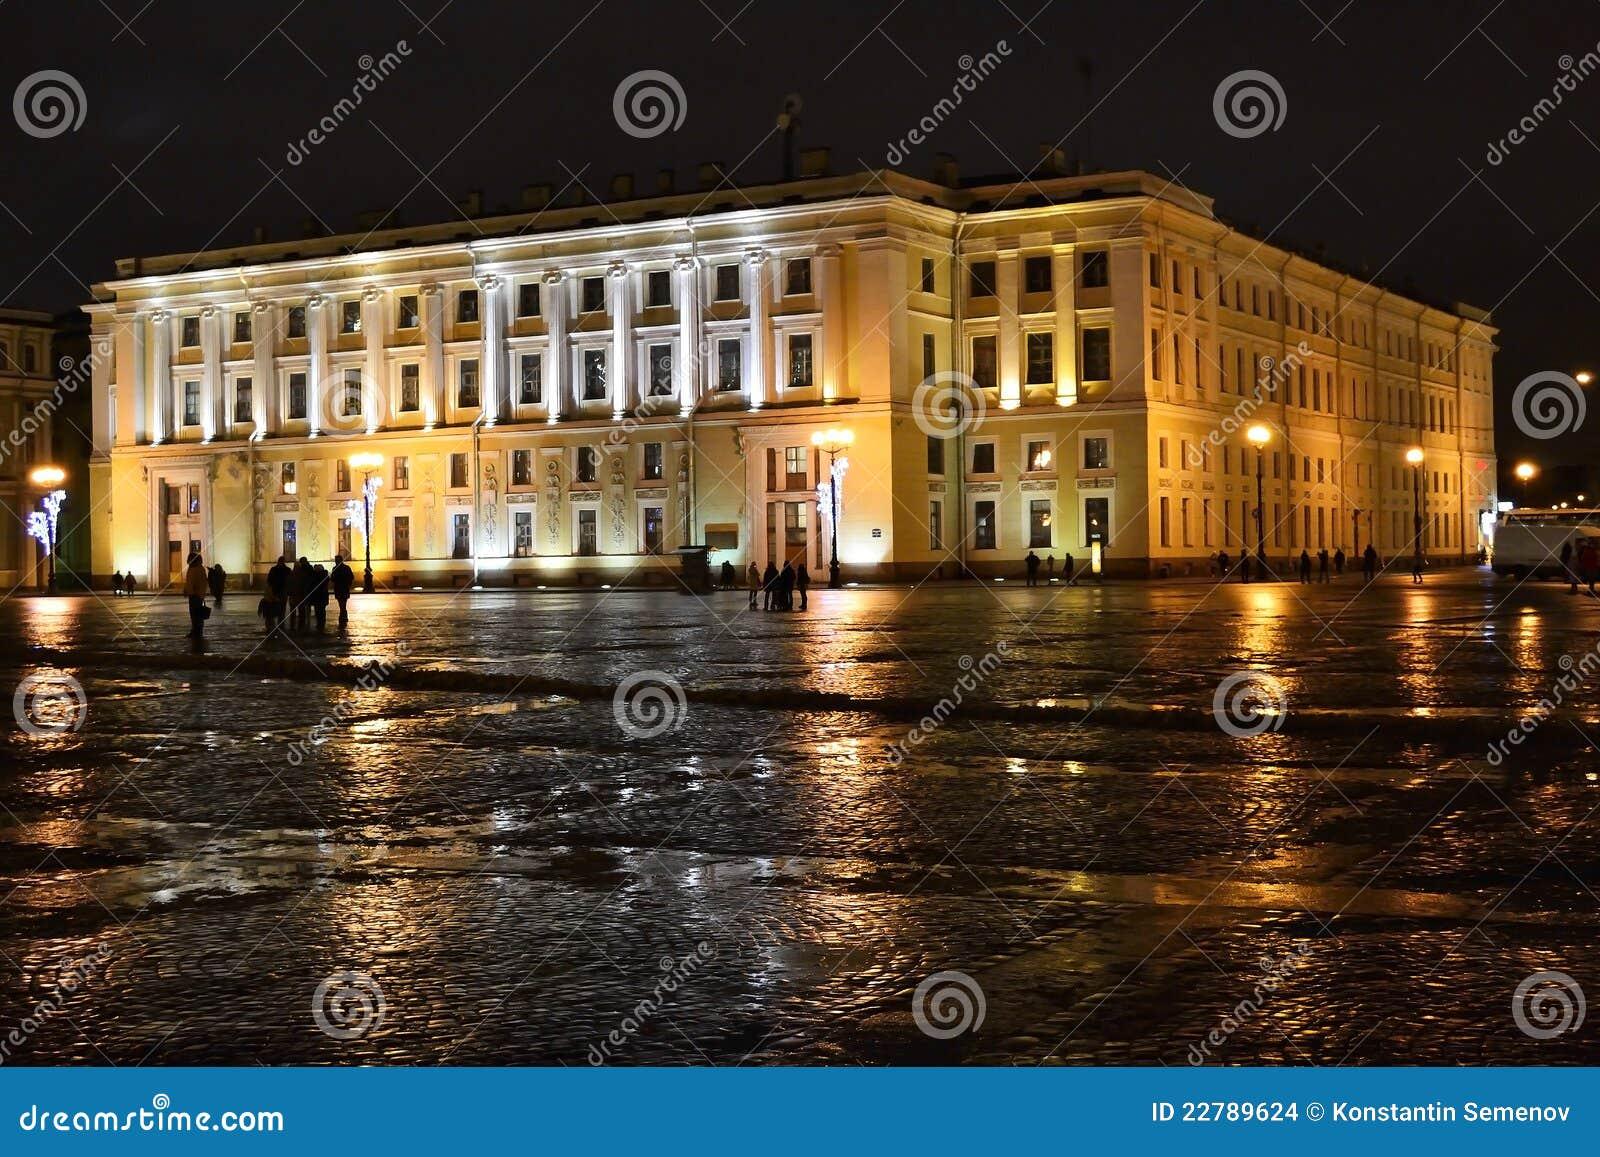 Το τετράγωνο παλατιών